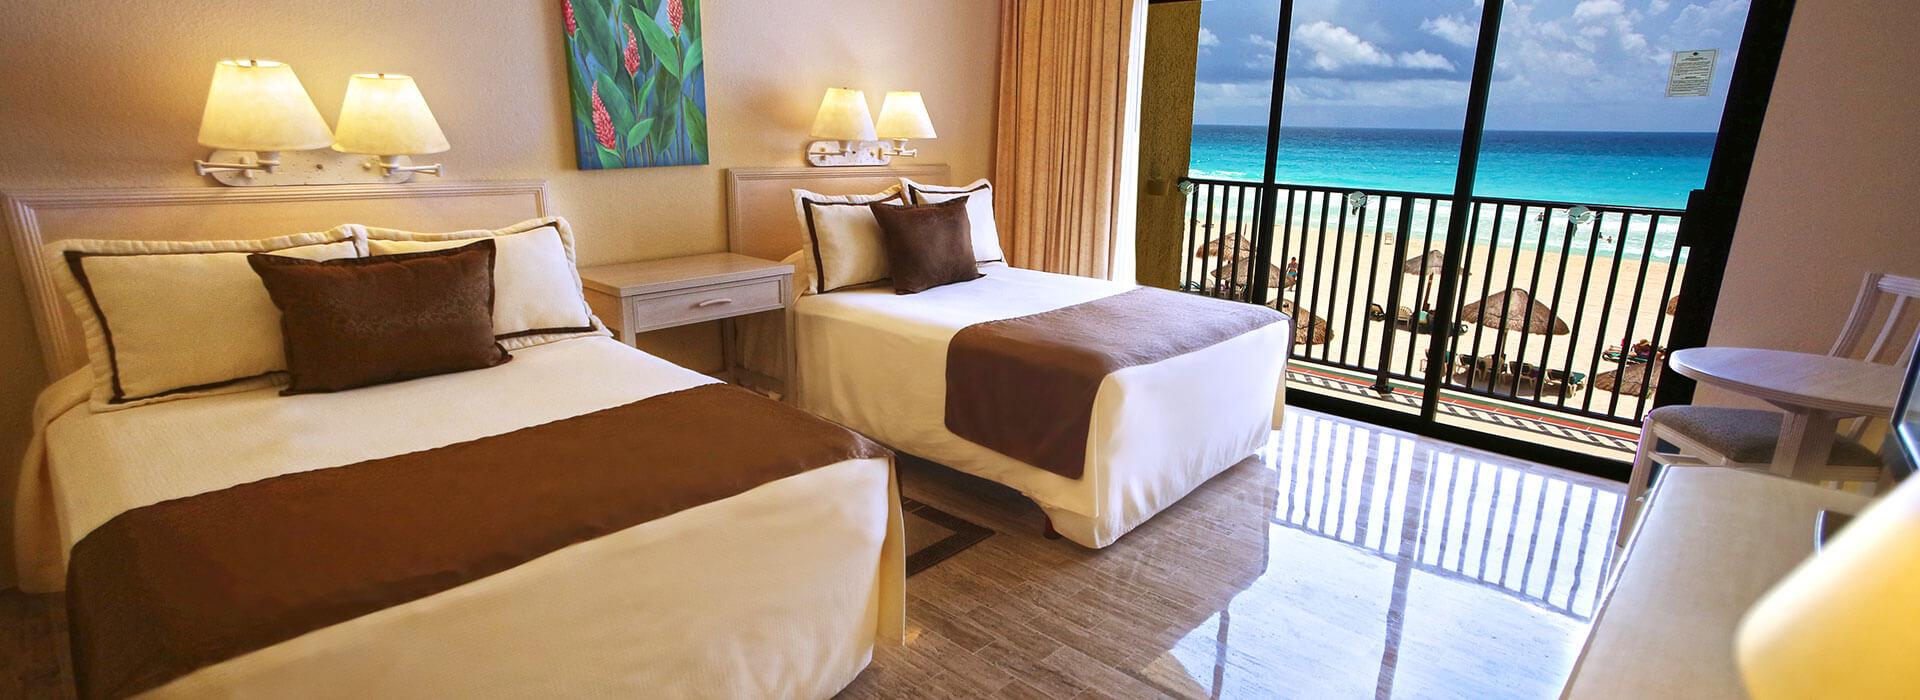 suite frente al mar en hotel de Cancún